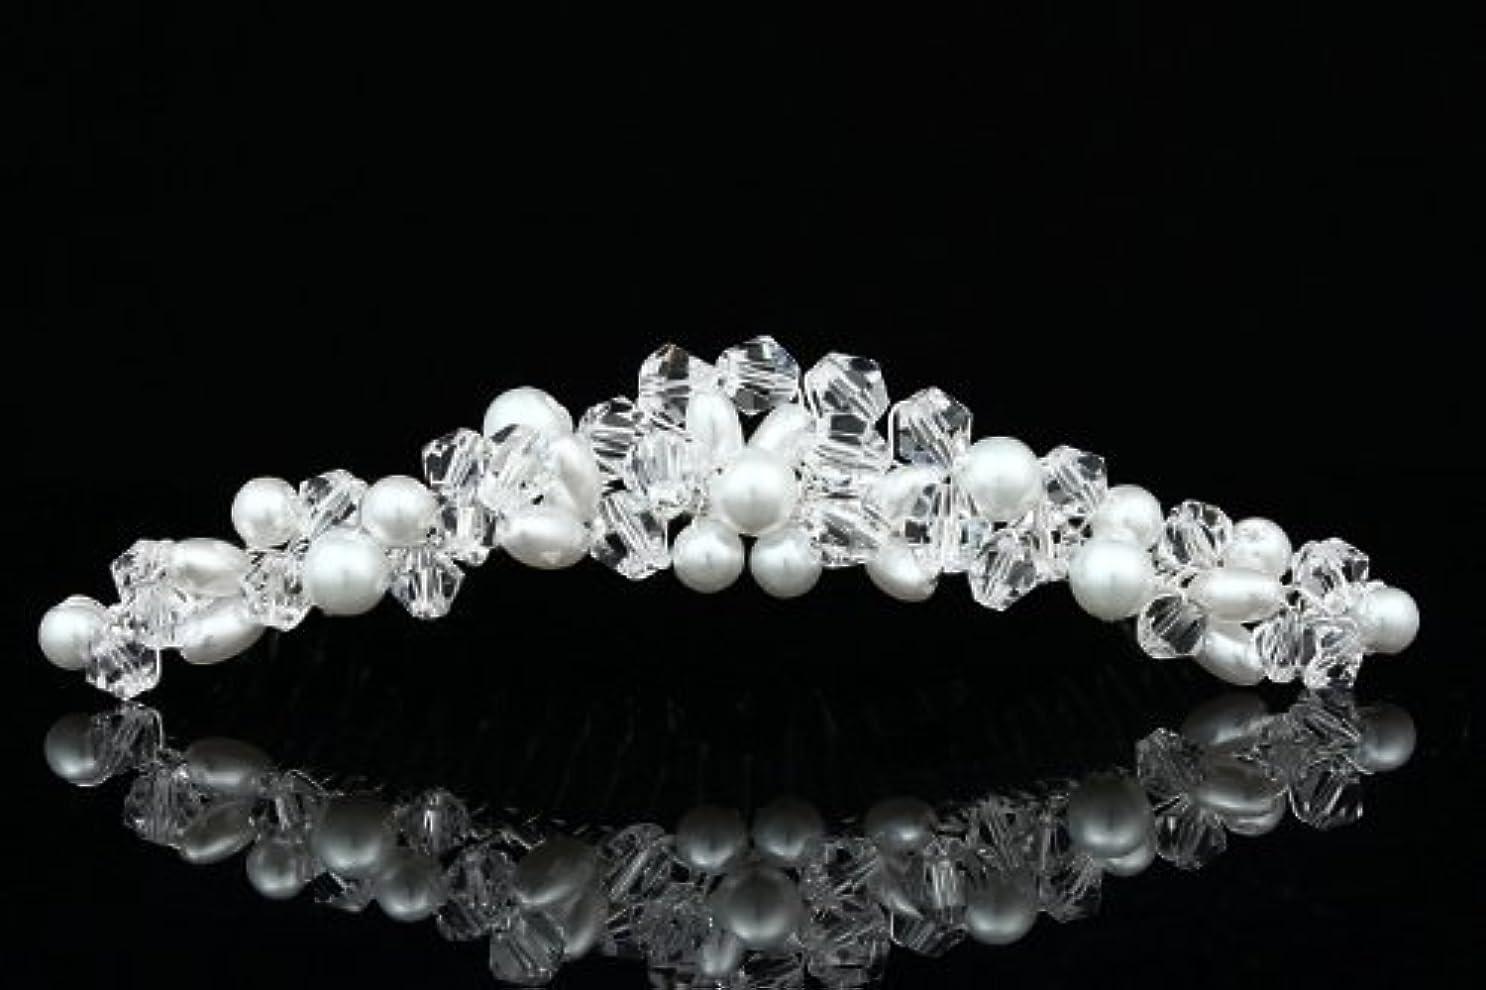 ふりをする押す低下Handmade Faux Pearl Crystal Bead Cluster Bridal Wedding Tiara Comb - Silver Plated FC039 [並行輸入品]